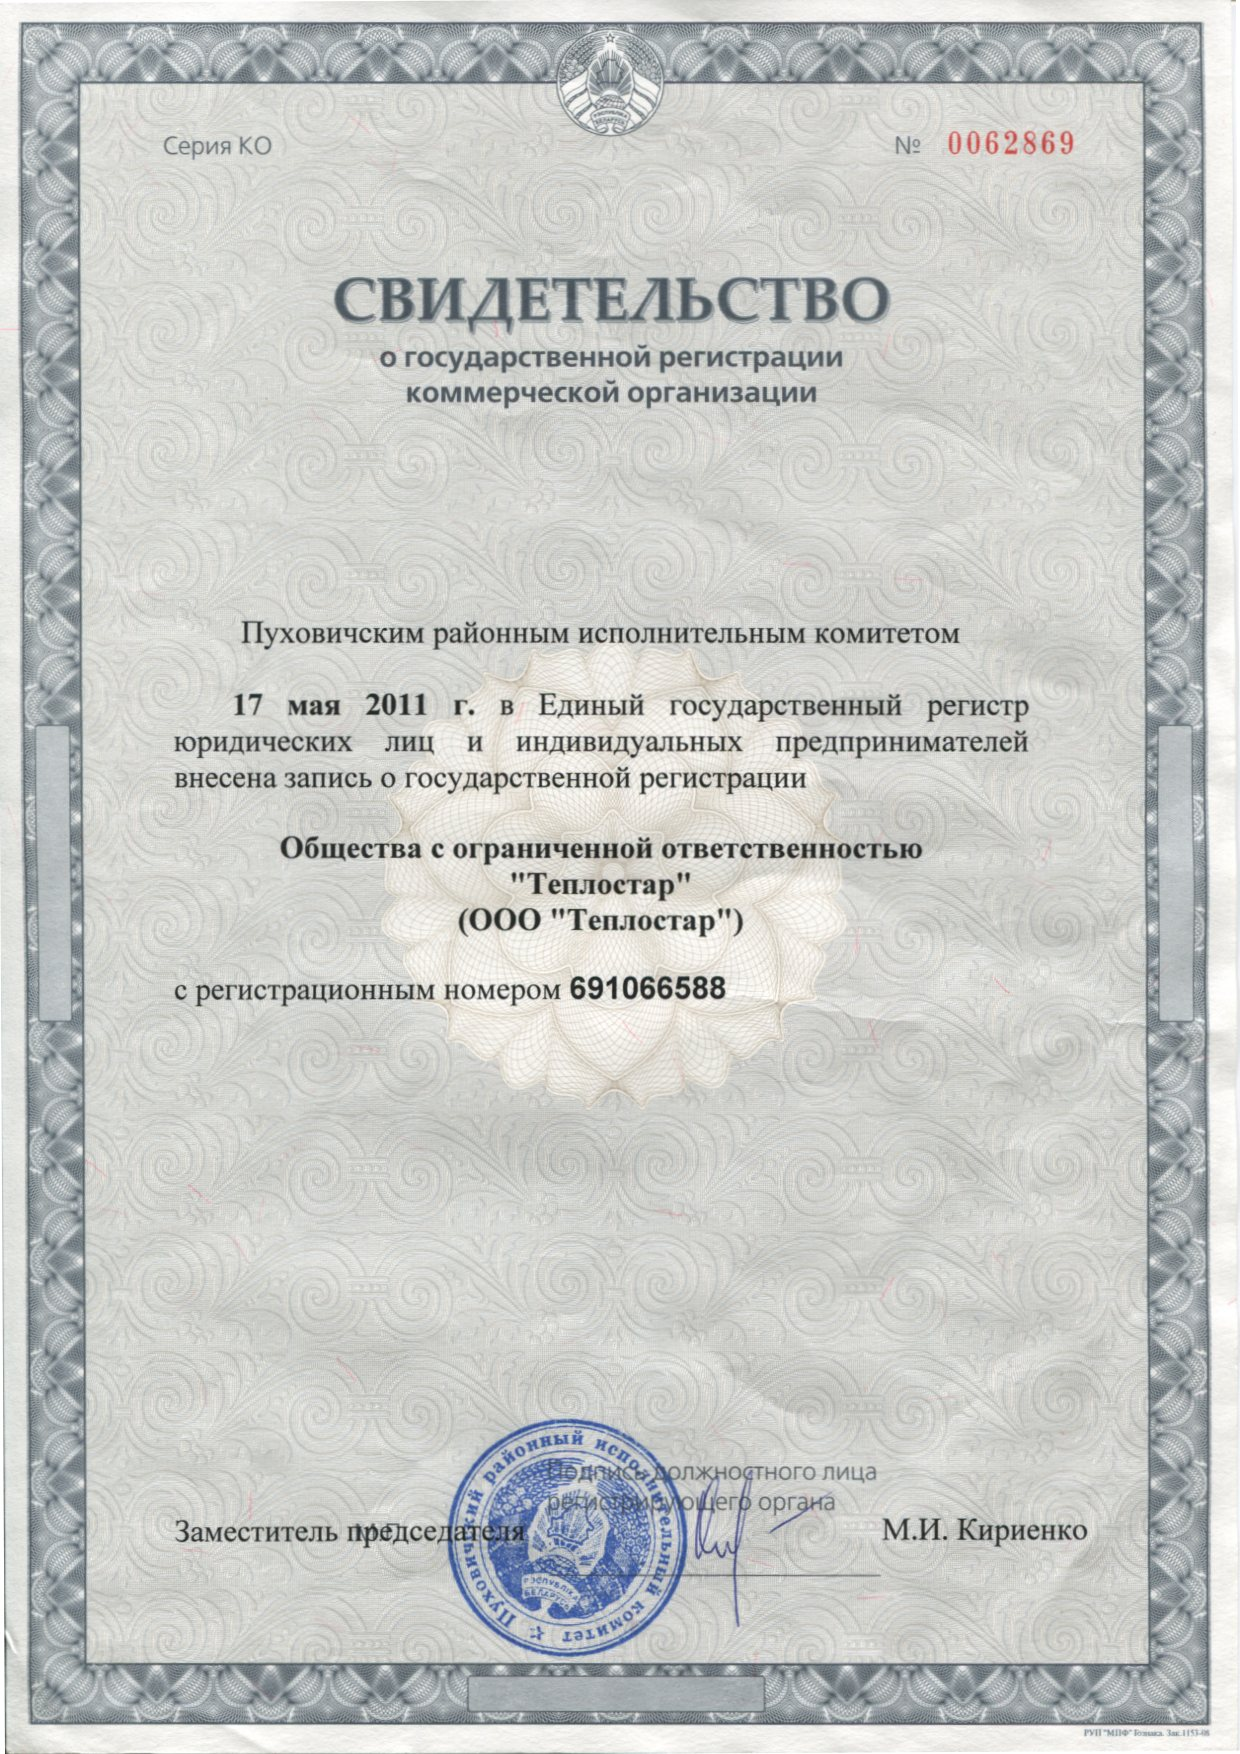 Документы для регистрации ооо беларусь формы заявлений при регистрации изменений в ооо